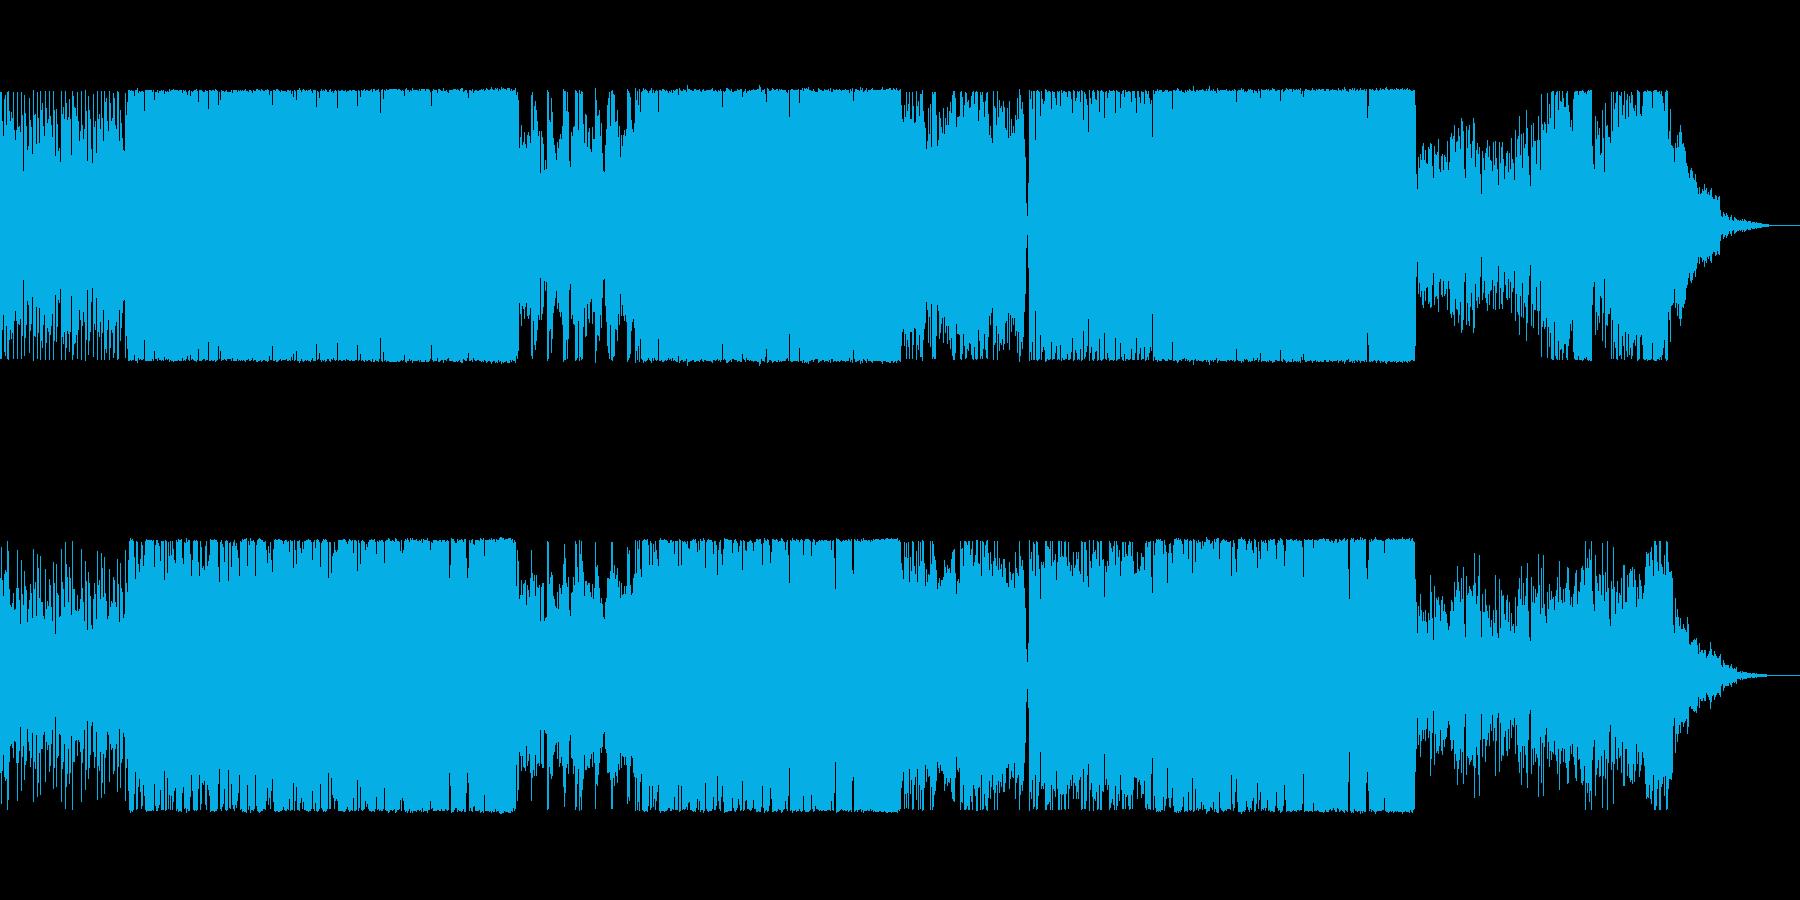 ケルト楽器を使ったピアノ伴奏の楽曲の再生済みの波形